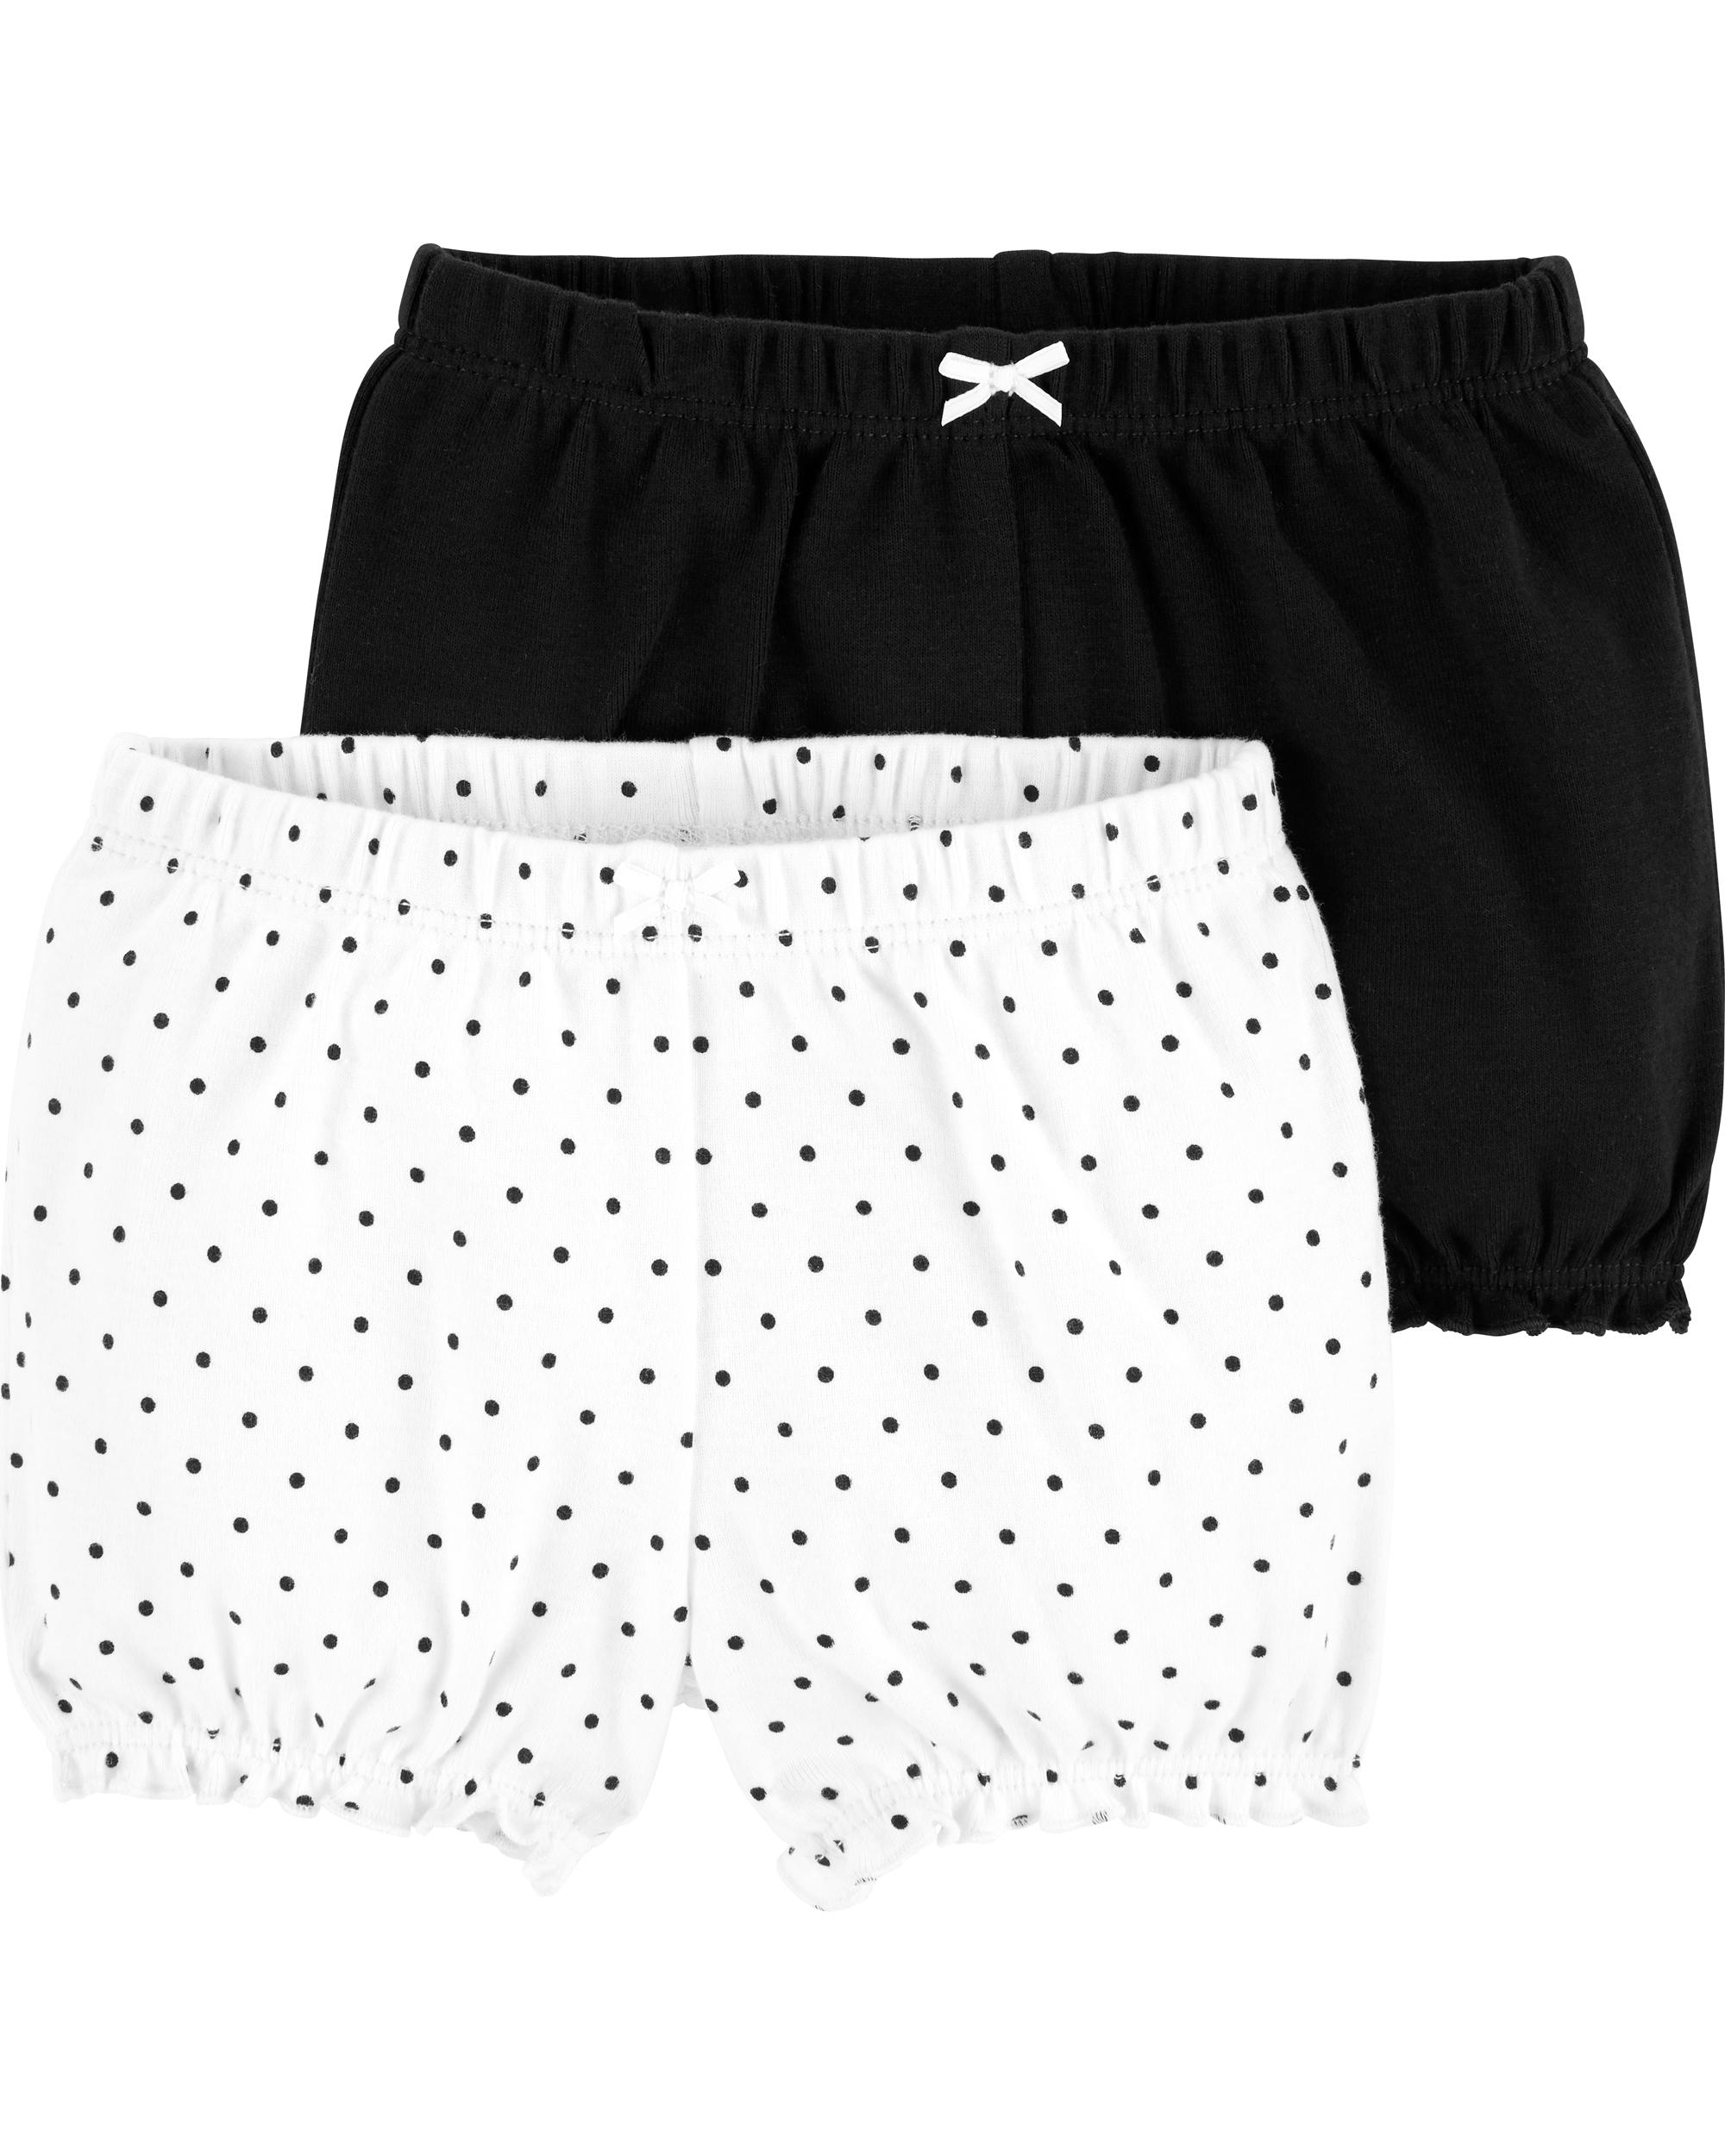 זוג מכנסיים קצרים שחור לבן